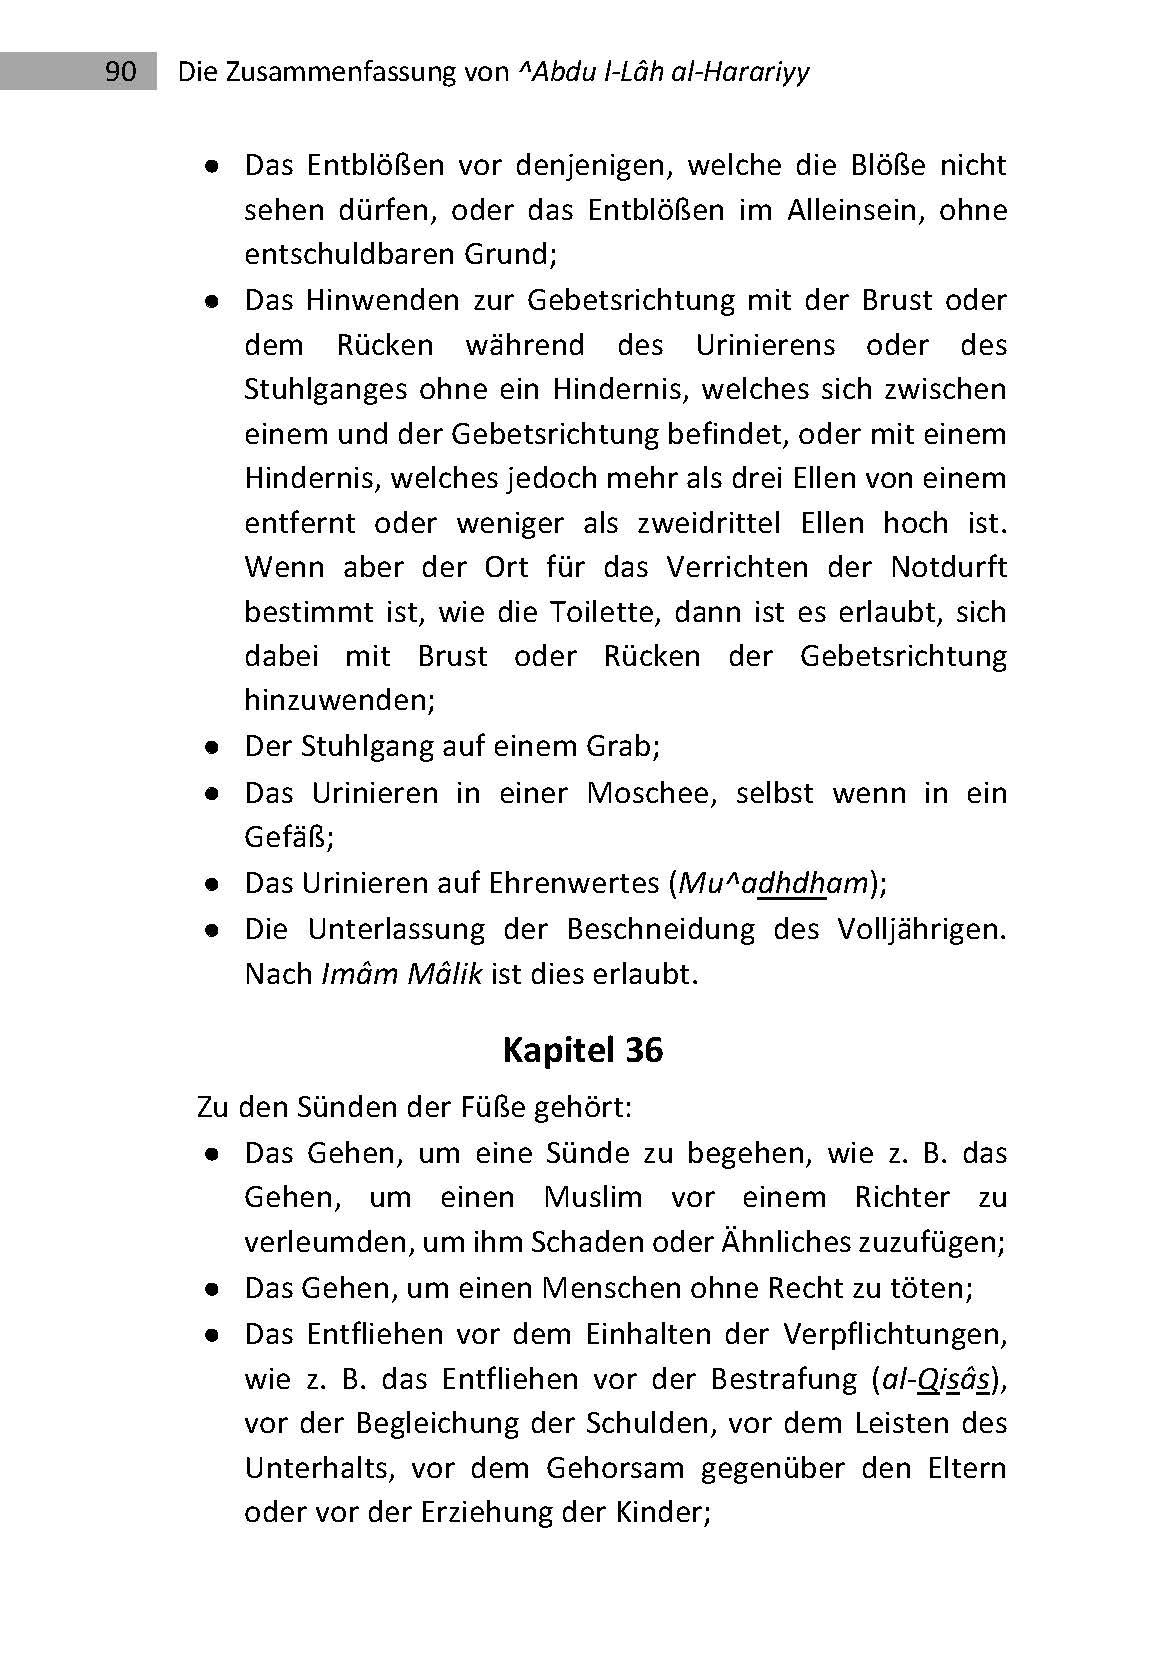 Die Zusammenfassung - 3. Auflage 2014_Seite_90